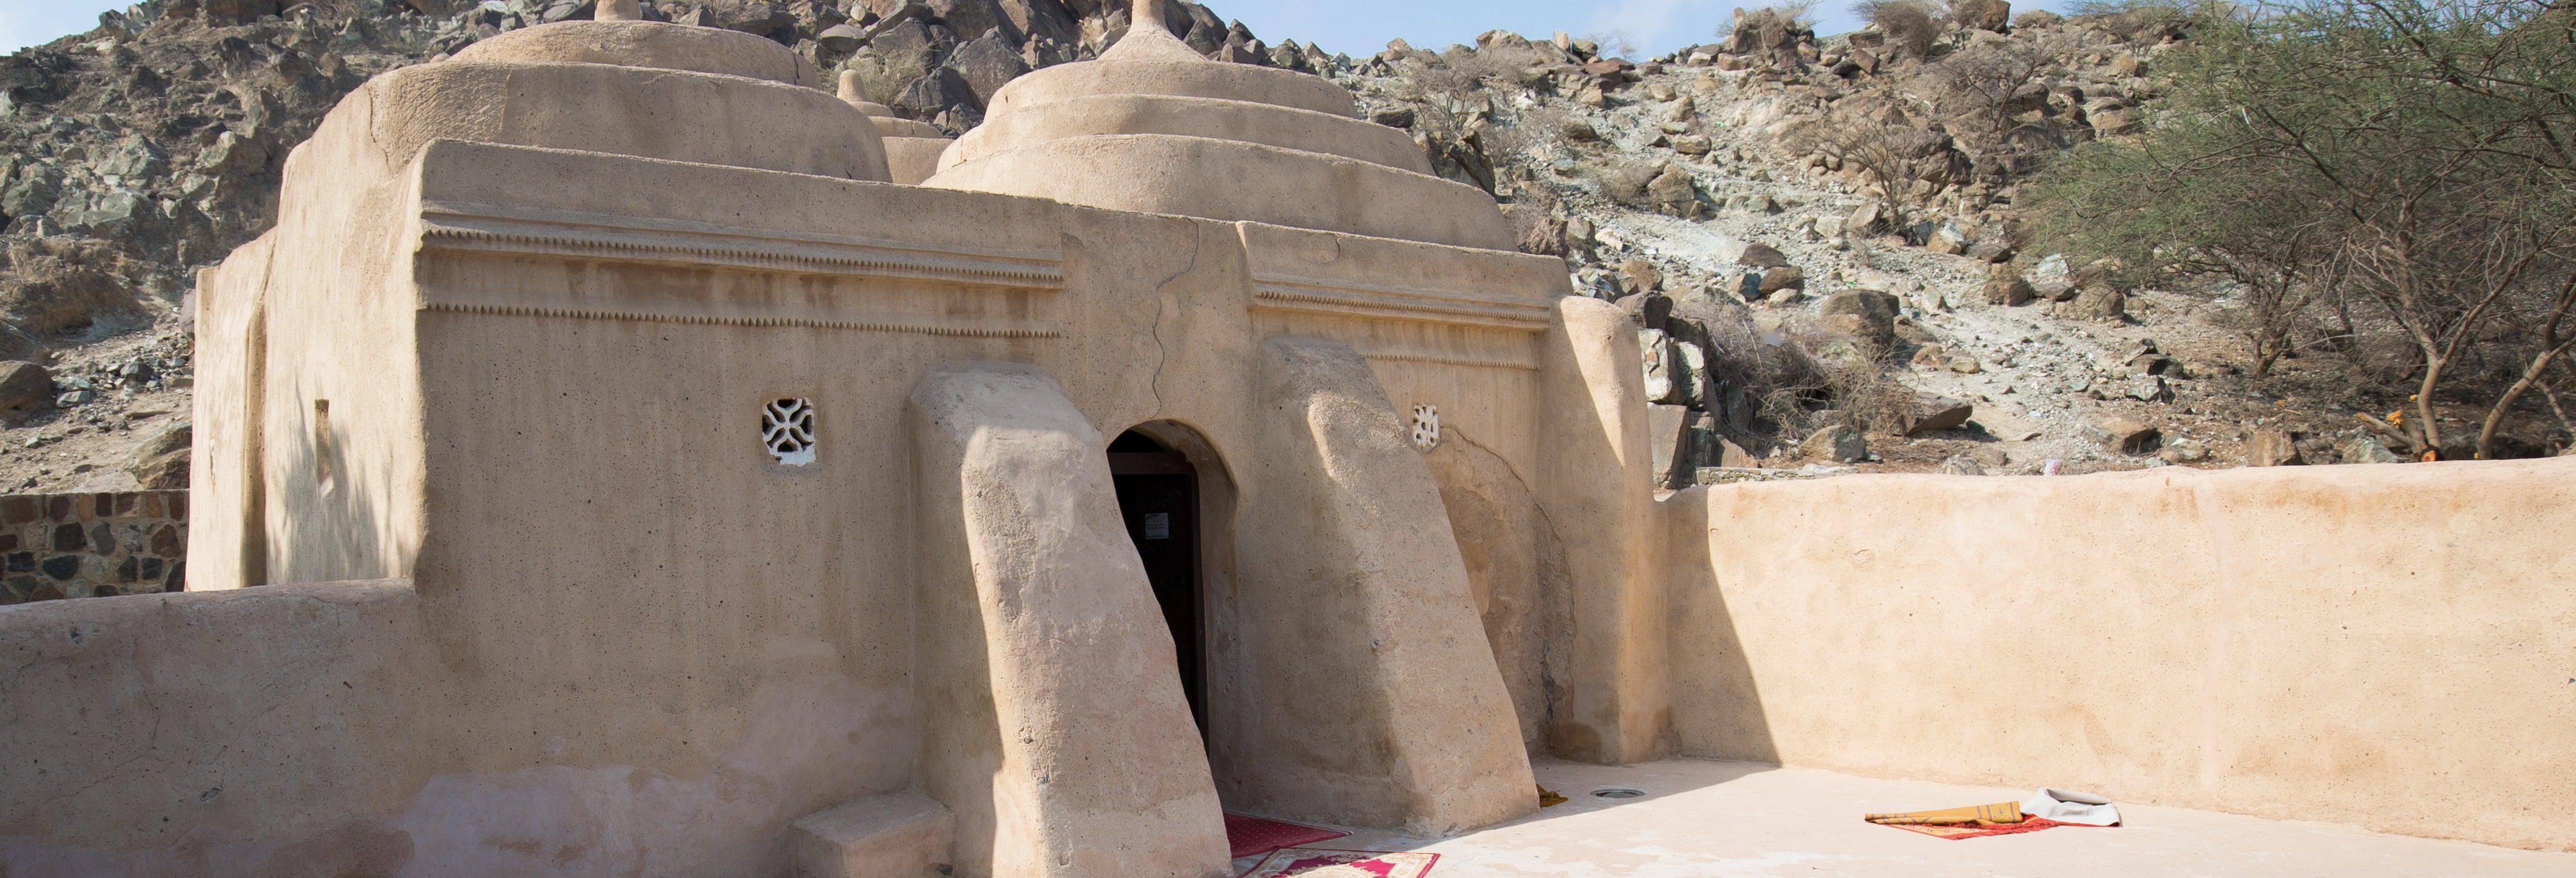 Excursão pela costa leste dos Emirados Árabes